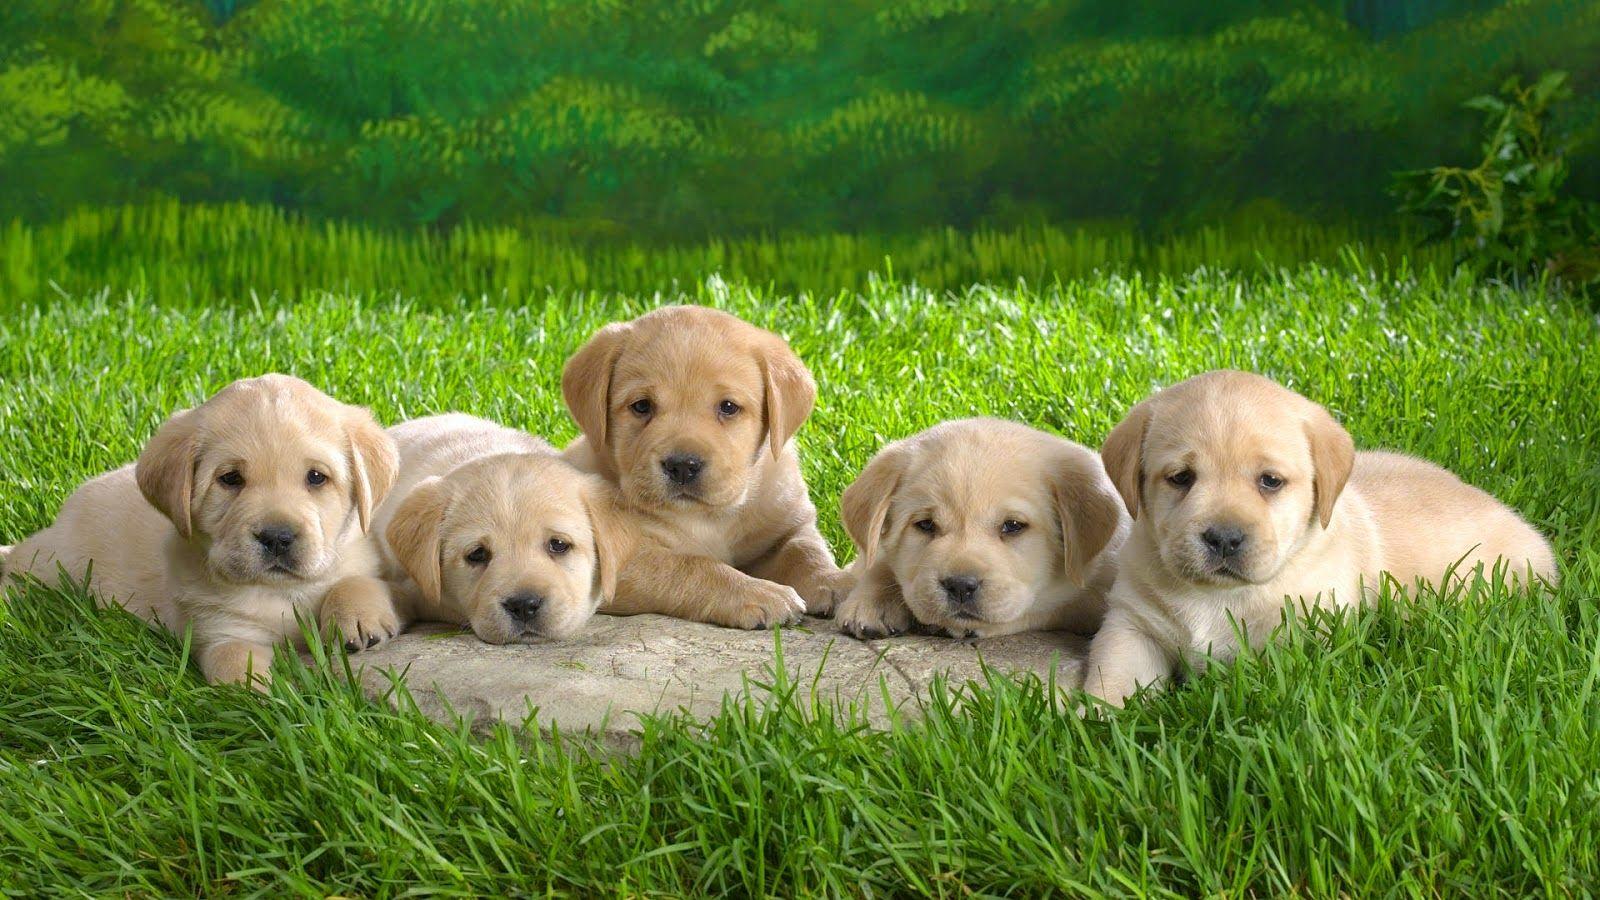 Gambar Wallpaper Binatang Lucu Keren Koleksi Gambar Keren Cute Dog Pictures Cute Dogs Dan